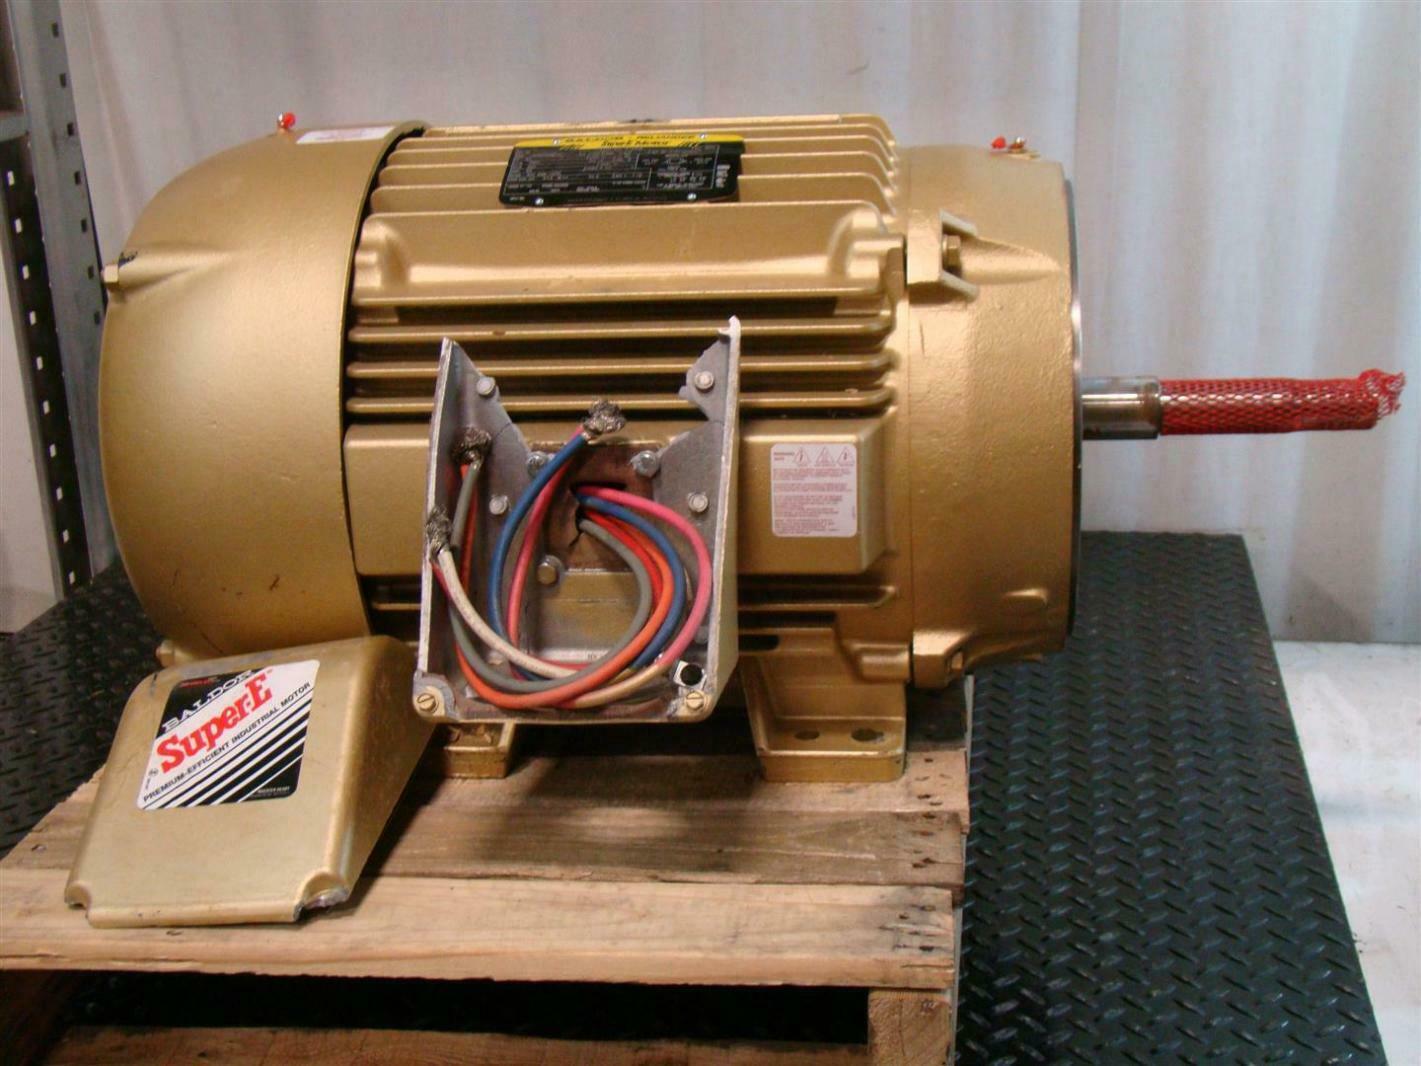 Baldor reliancer super e motor 60hp 3560rpm 460v 12h062x981g1 for Baldor reliance super e motor